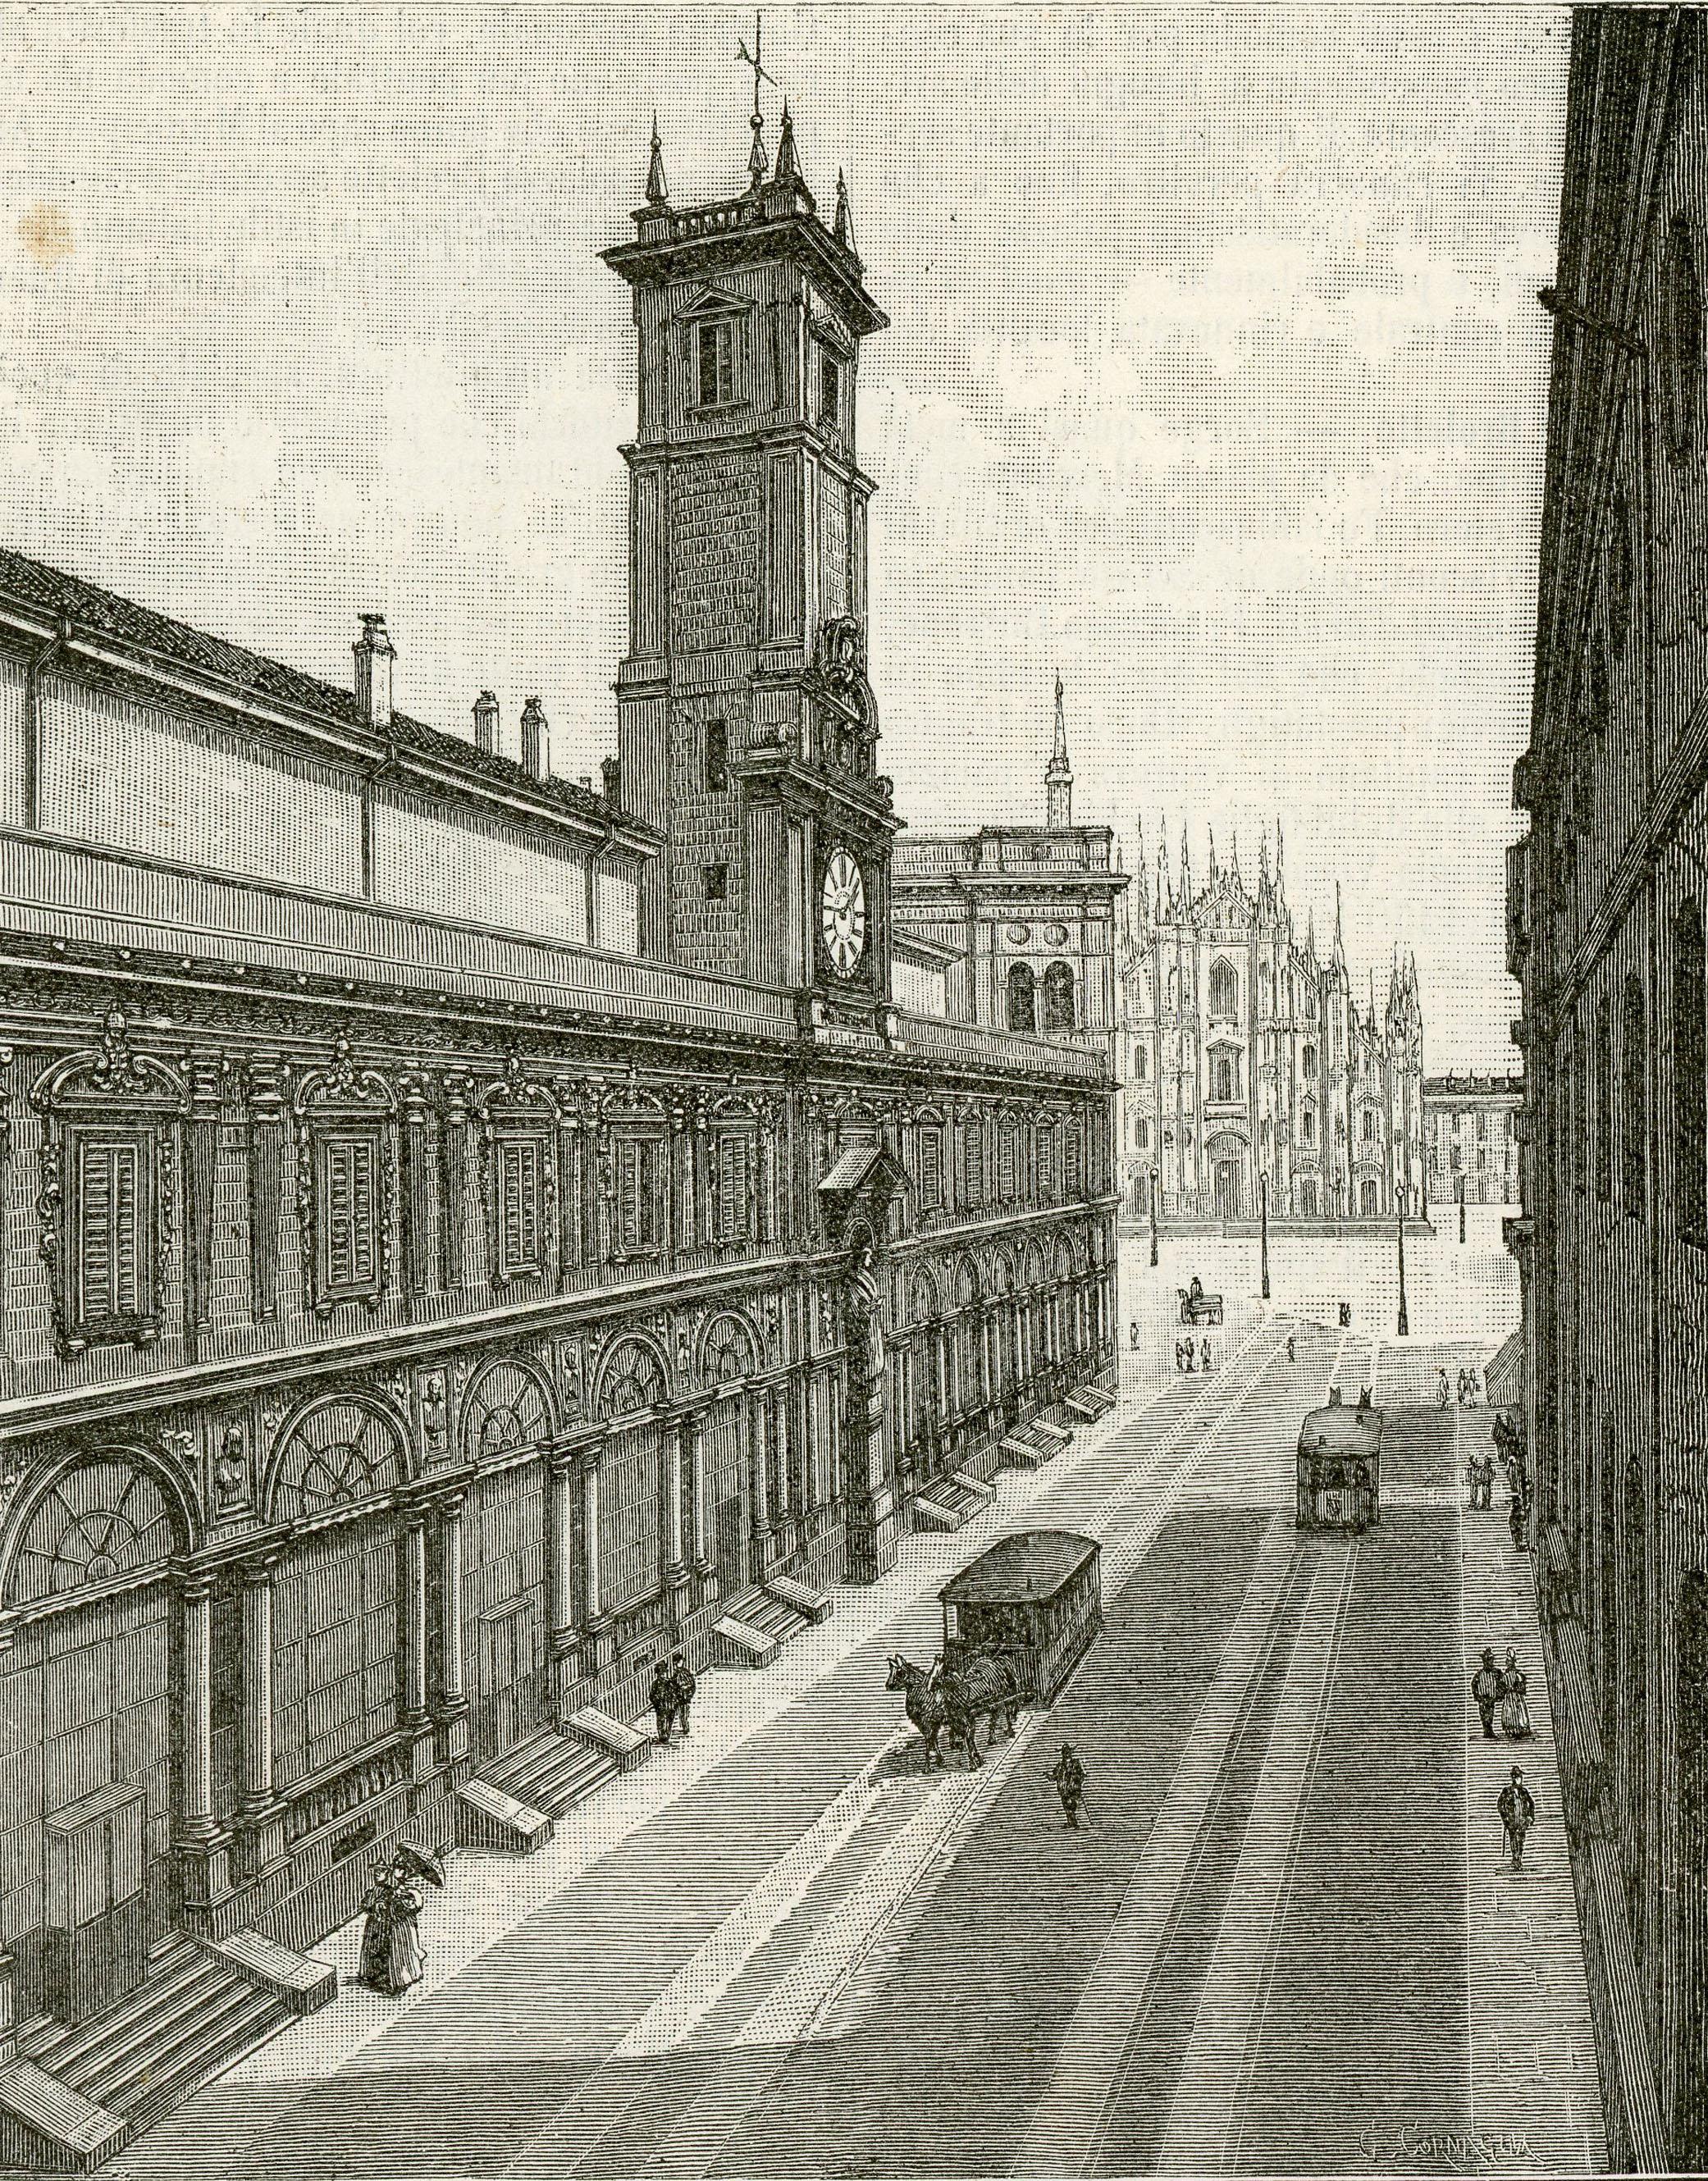 Palazzo dei Giureconsulti bourse milan